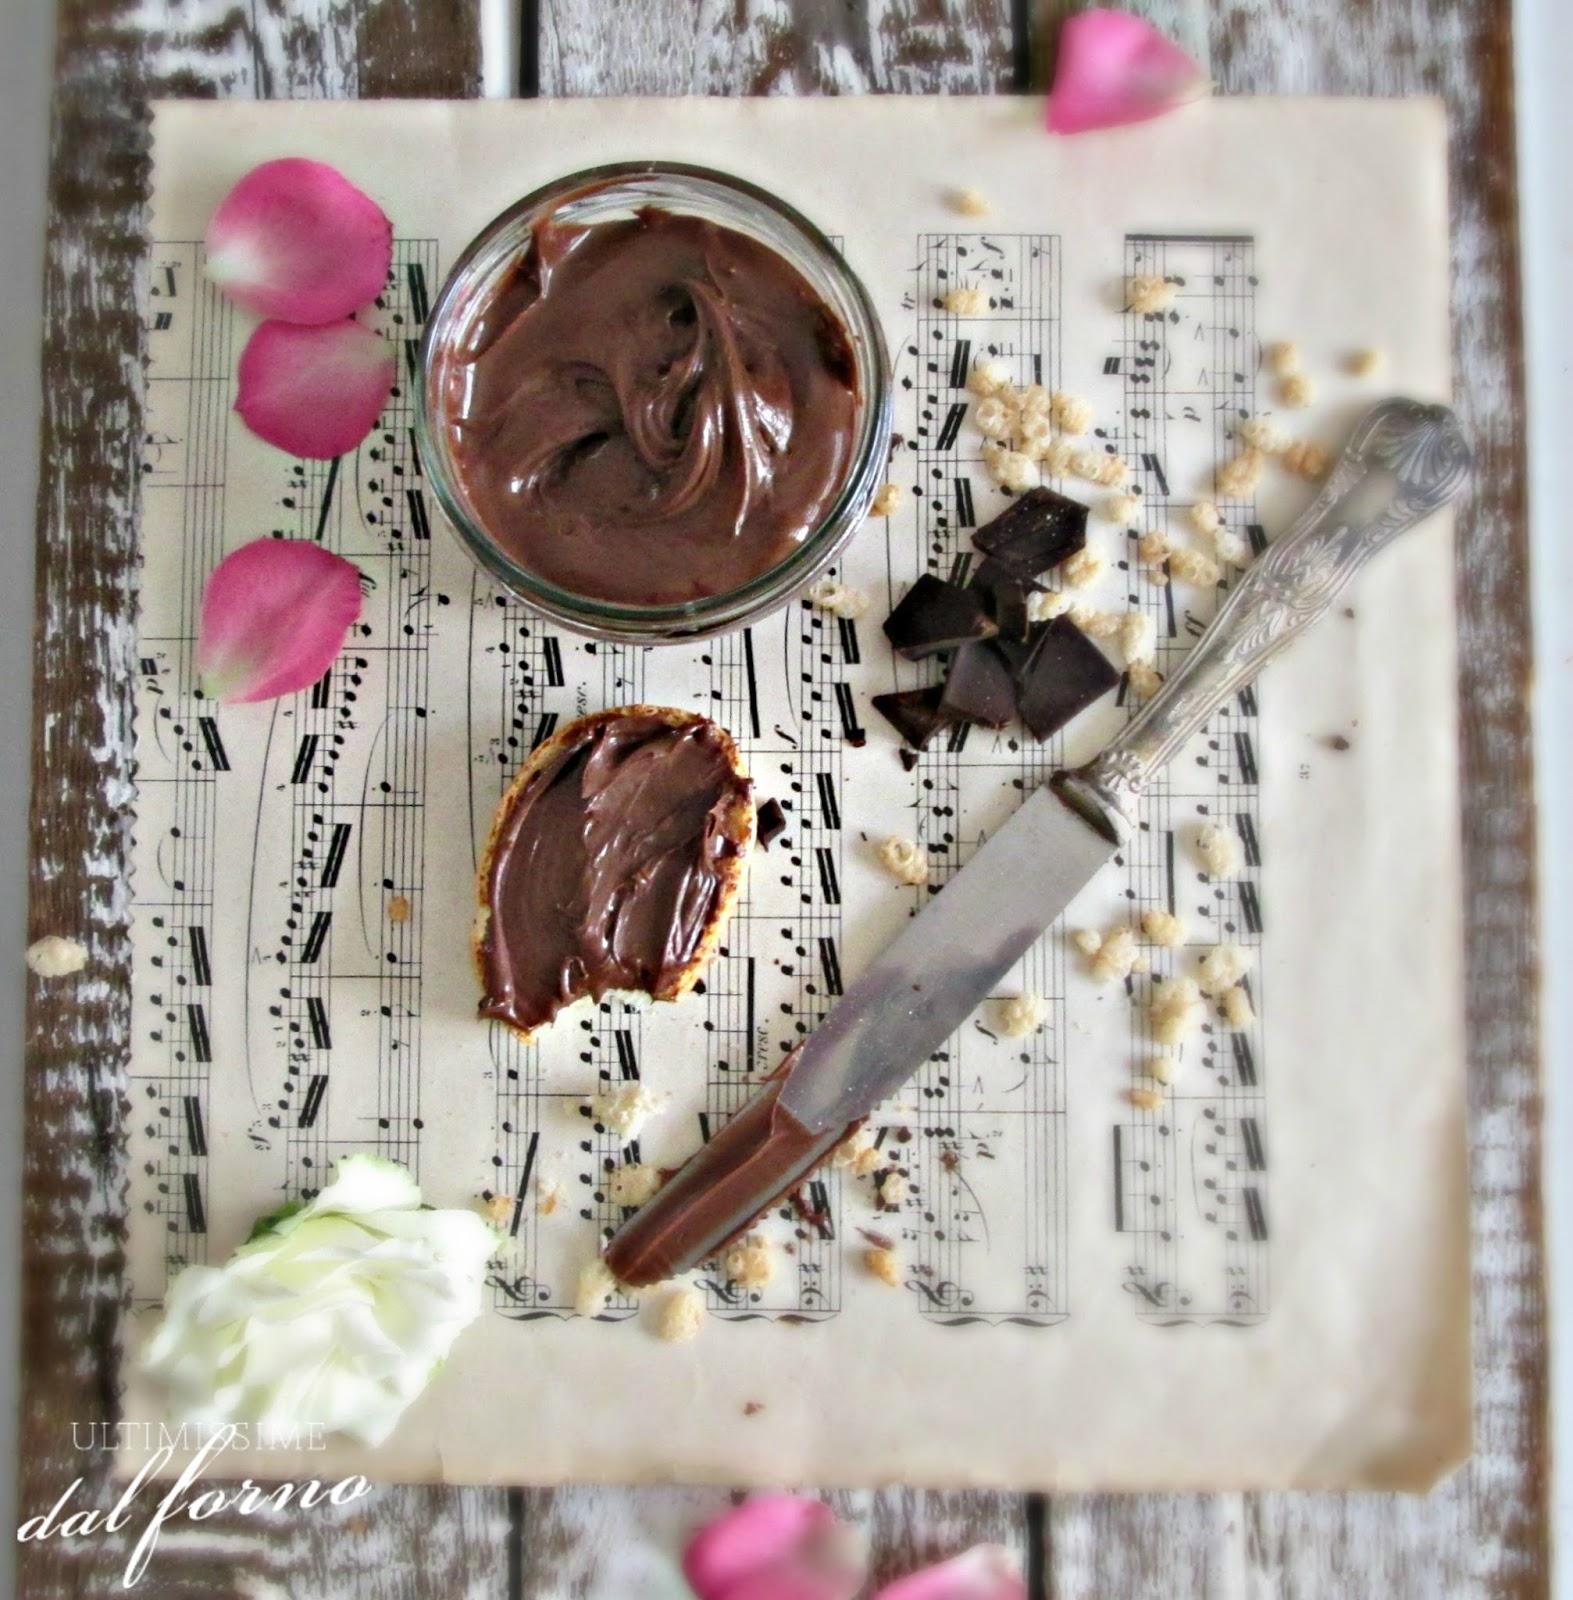 Ricetta Nutella Senza Nocciole.Crema Spalmabile Al Cioccolato Senza Nocciole E Senza Lattosio Ultimissime Dal Forno